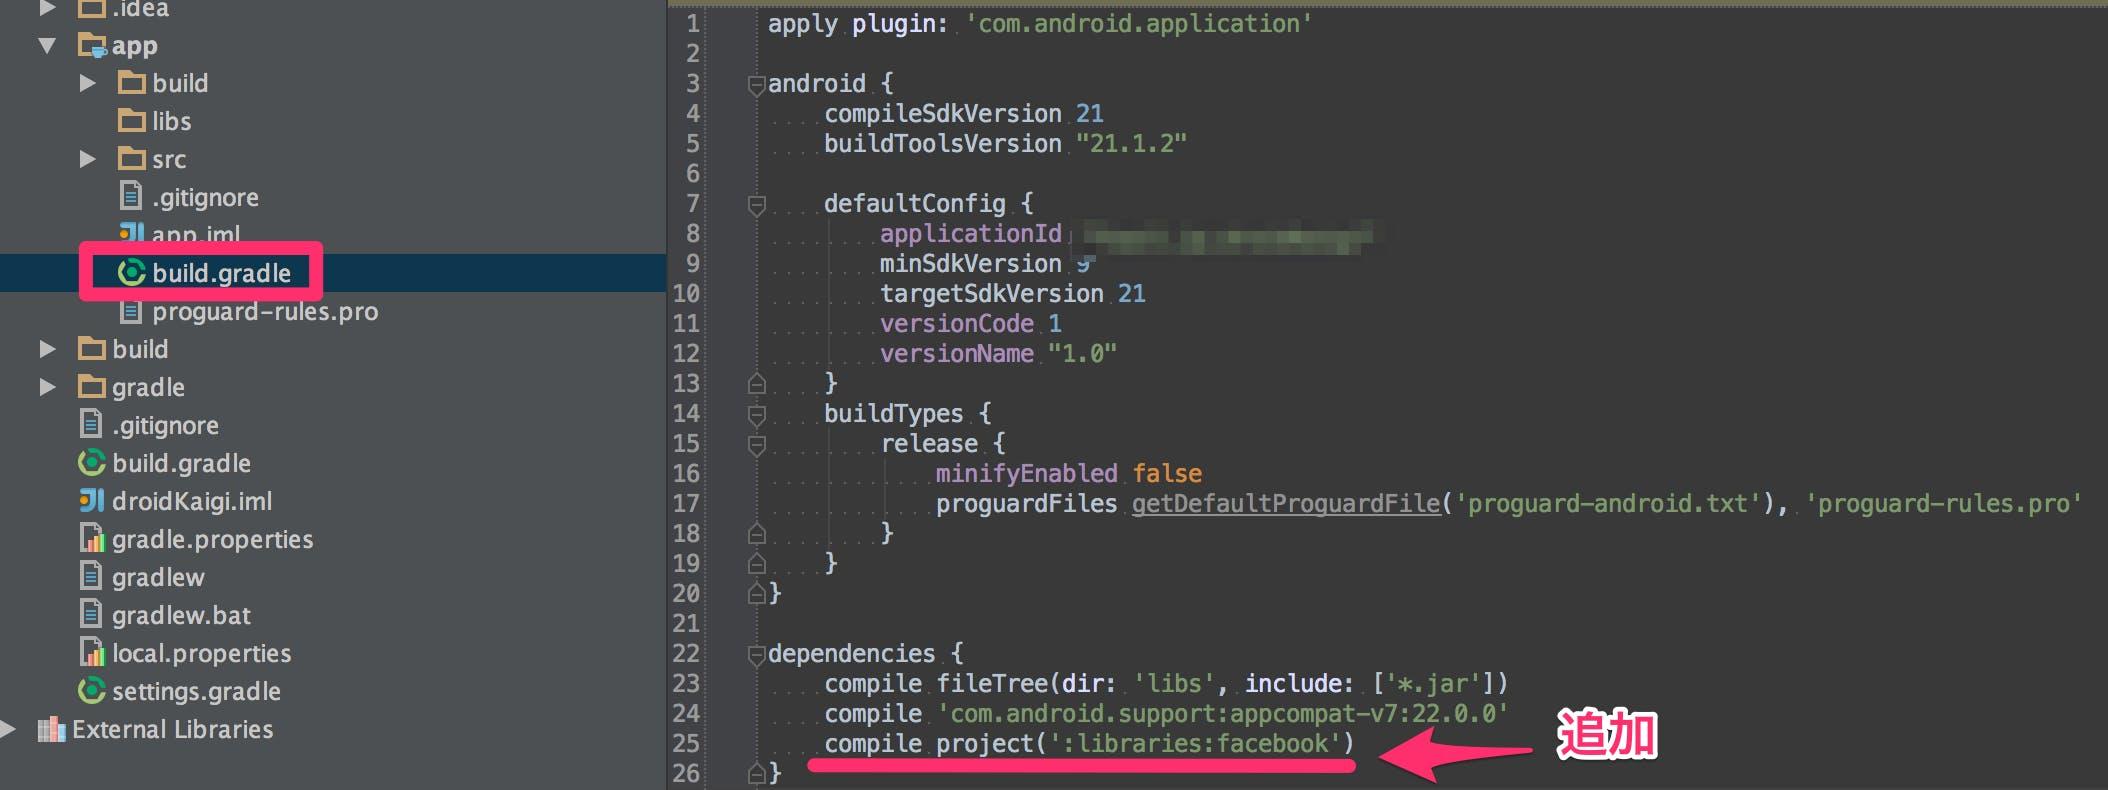 app_build_gradle_-__app__-_droidKaigi_-____AndroidStudioProjects_droidKaigi_.png